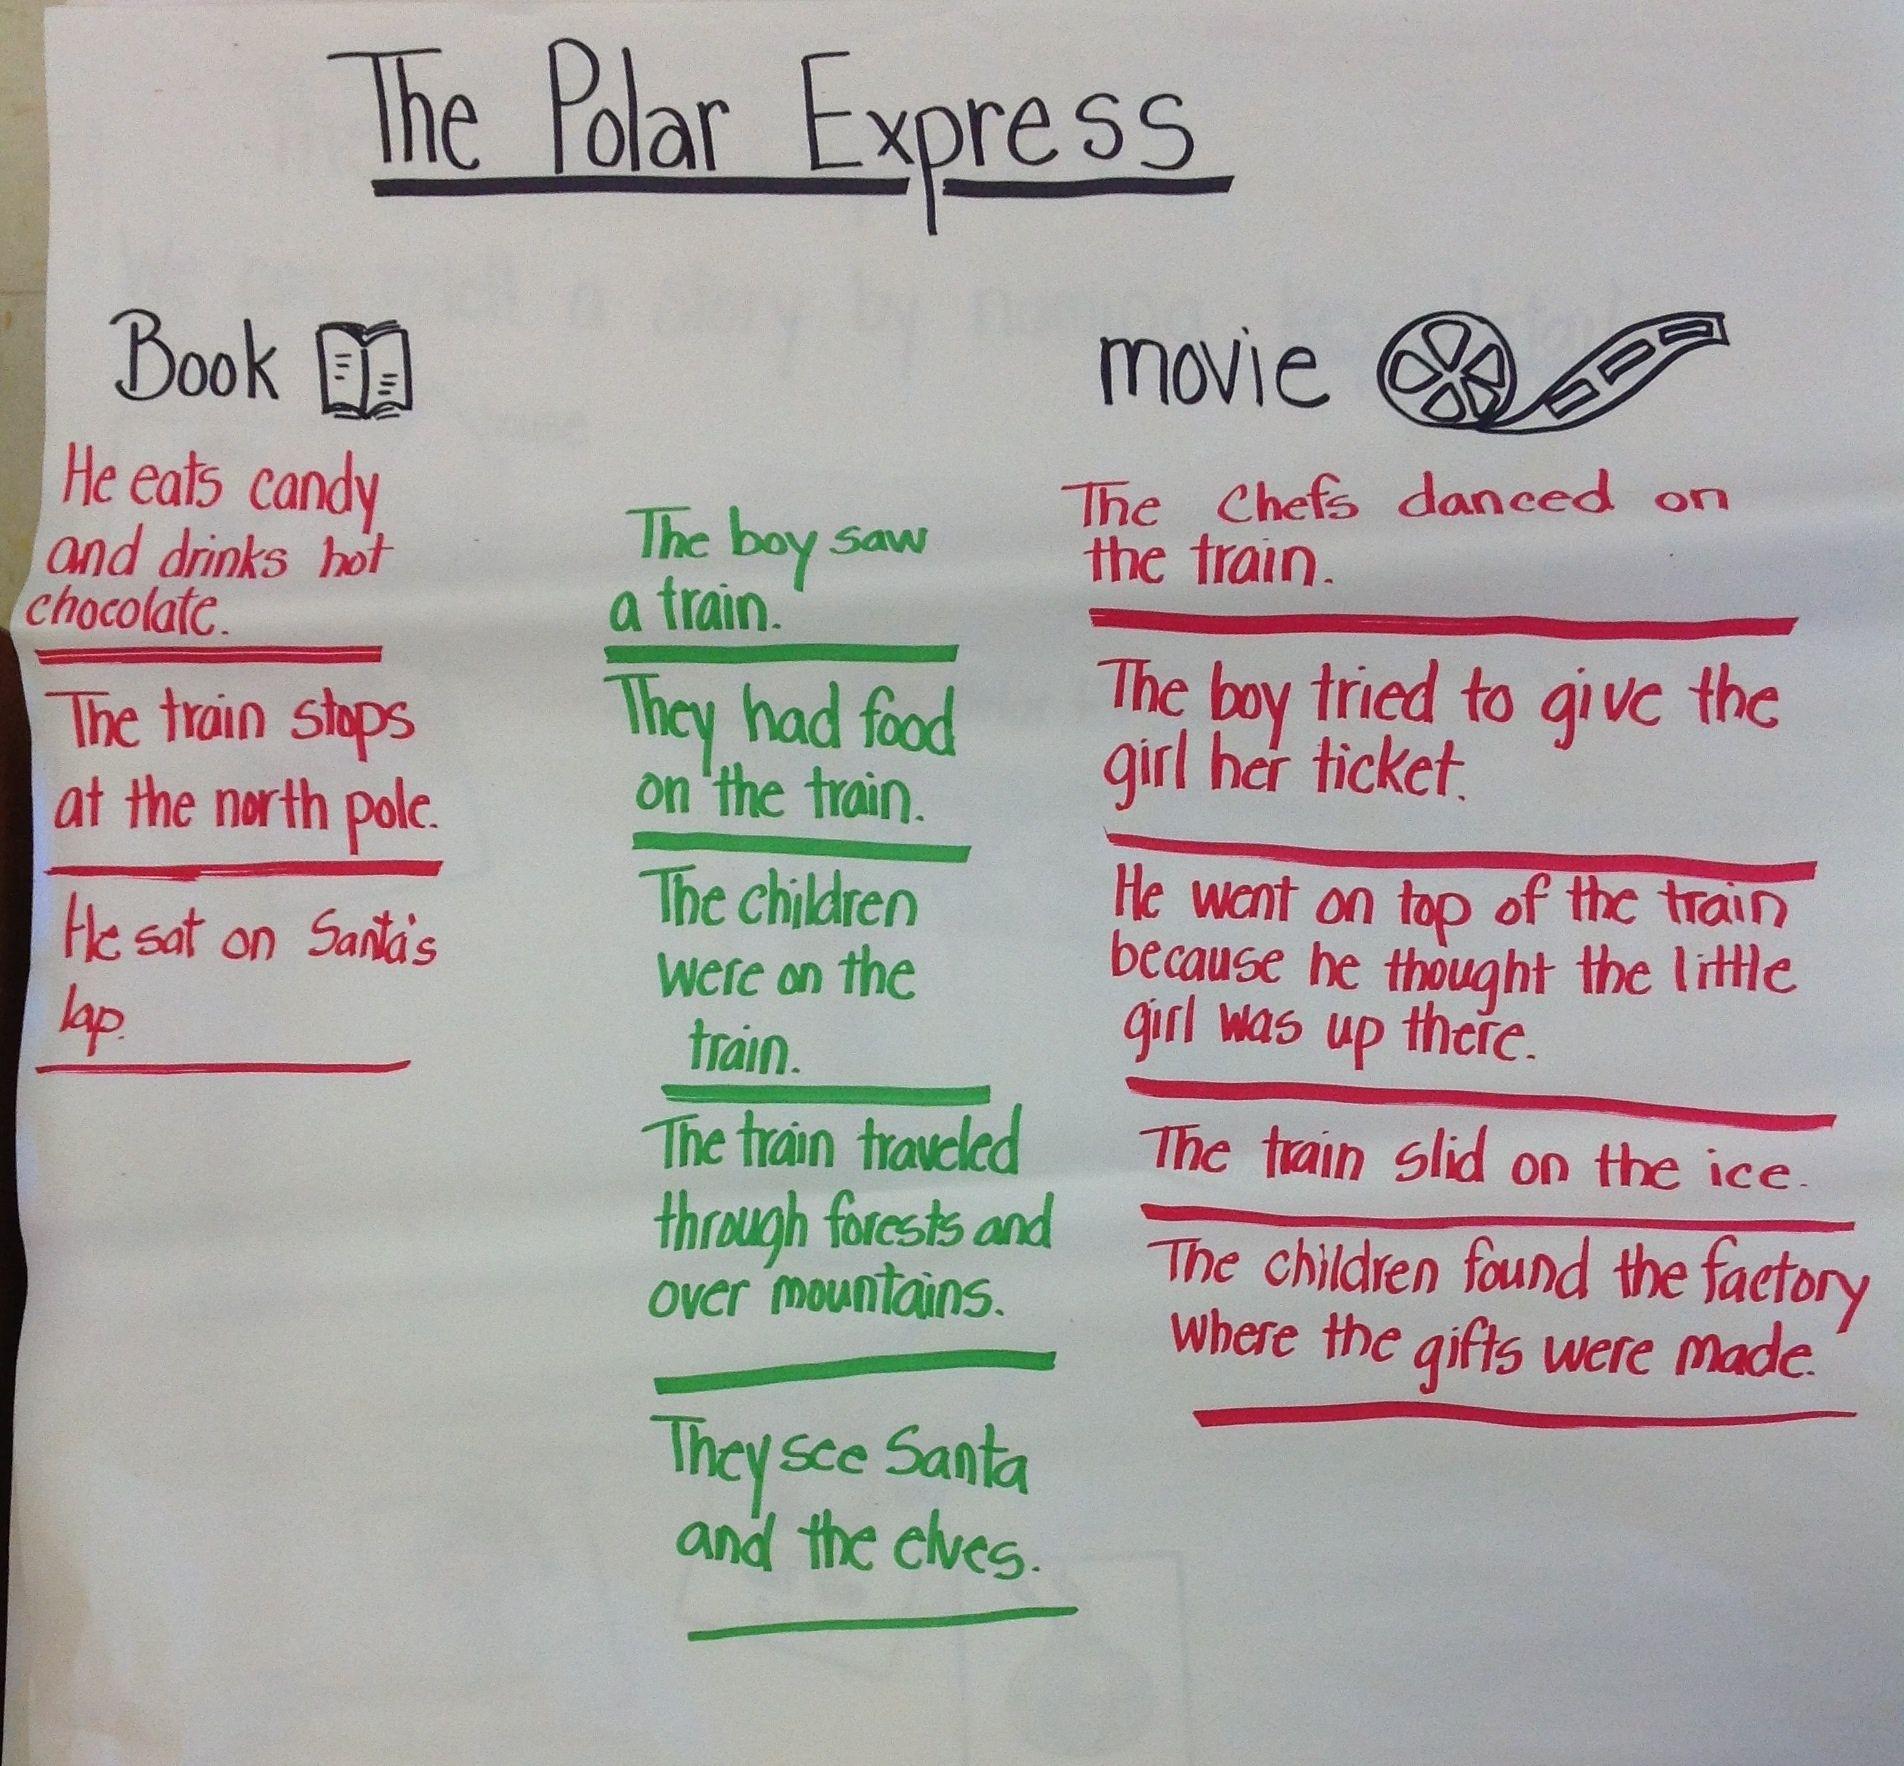 Polar Express Movie Vs Book Anchor Chart